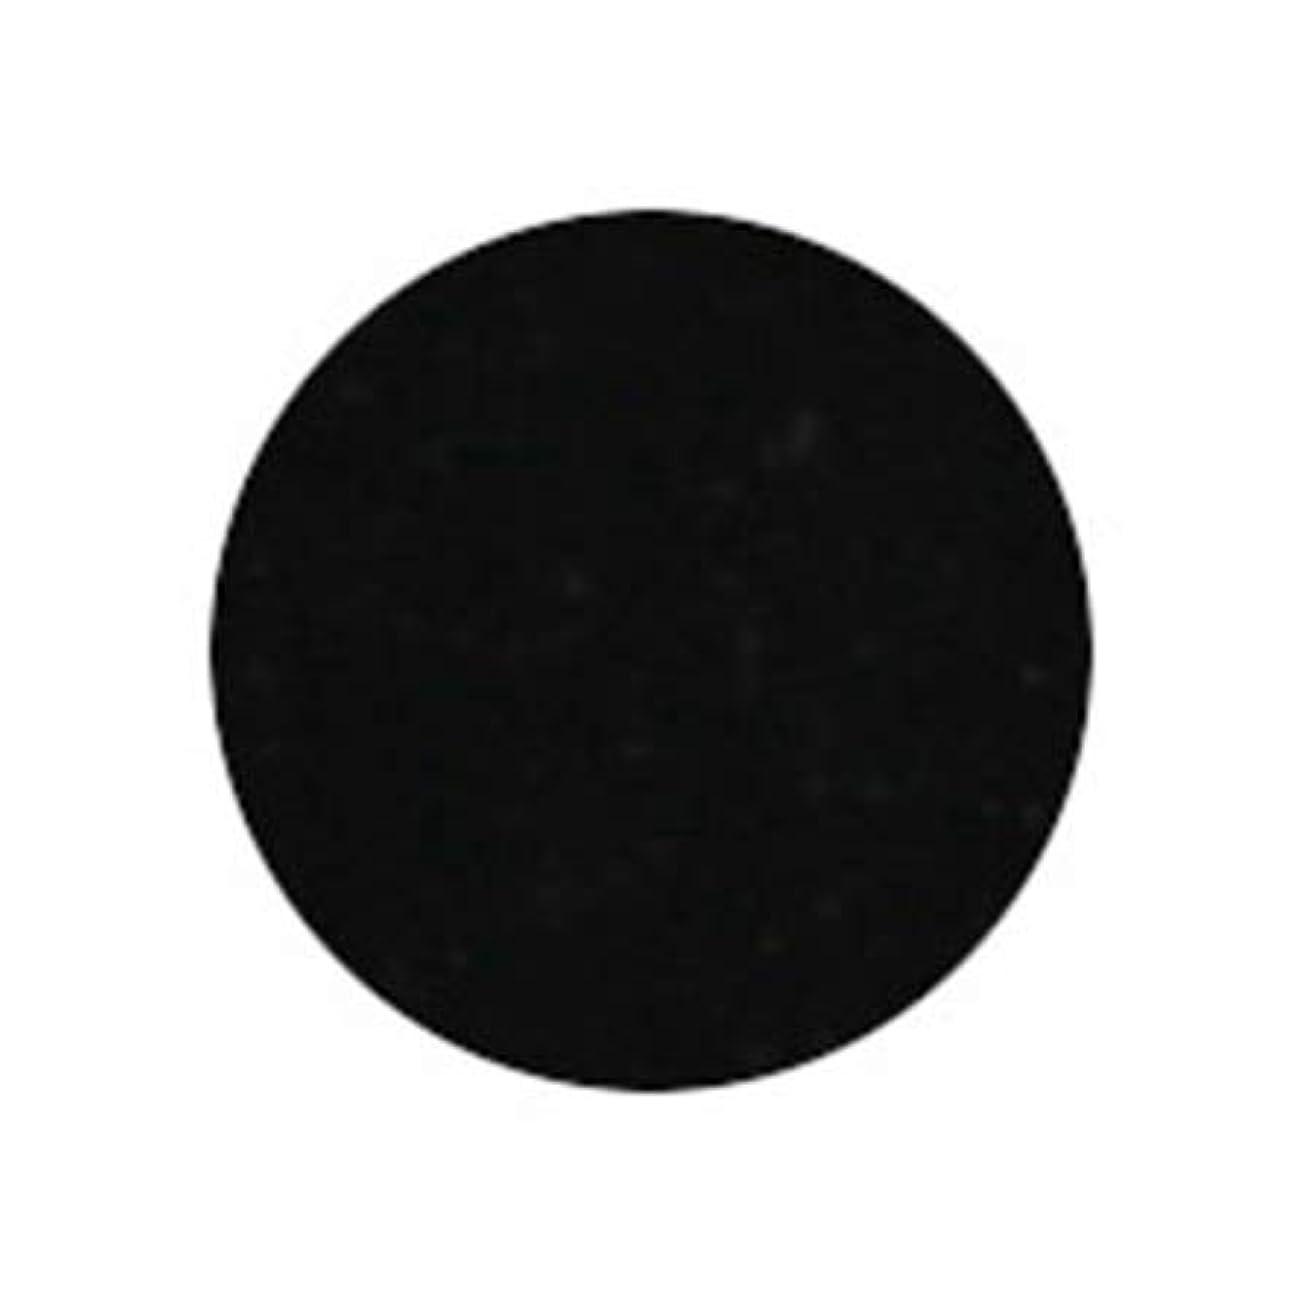 安いですマイクロフォン文献Putiel プティール カラージェル 501 ブラック 4g